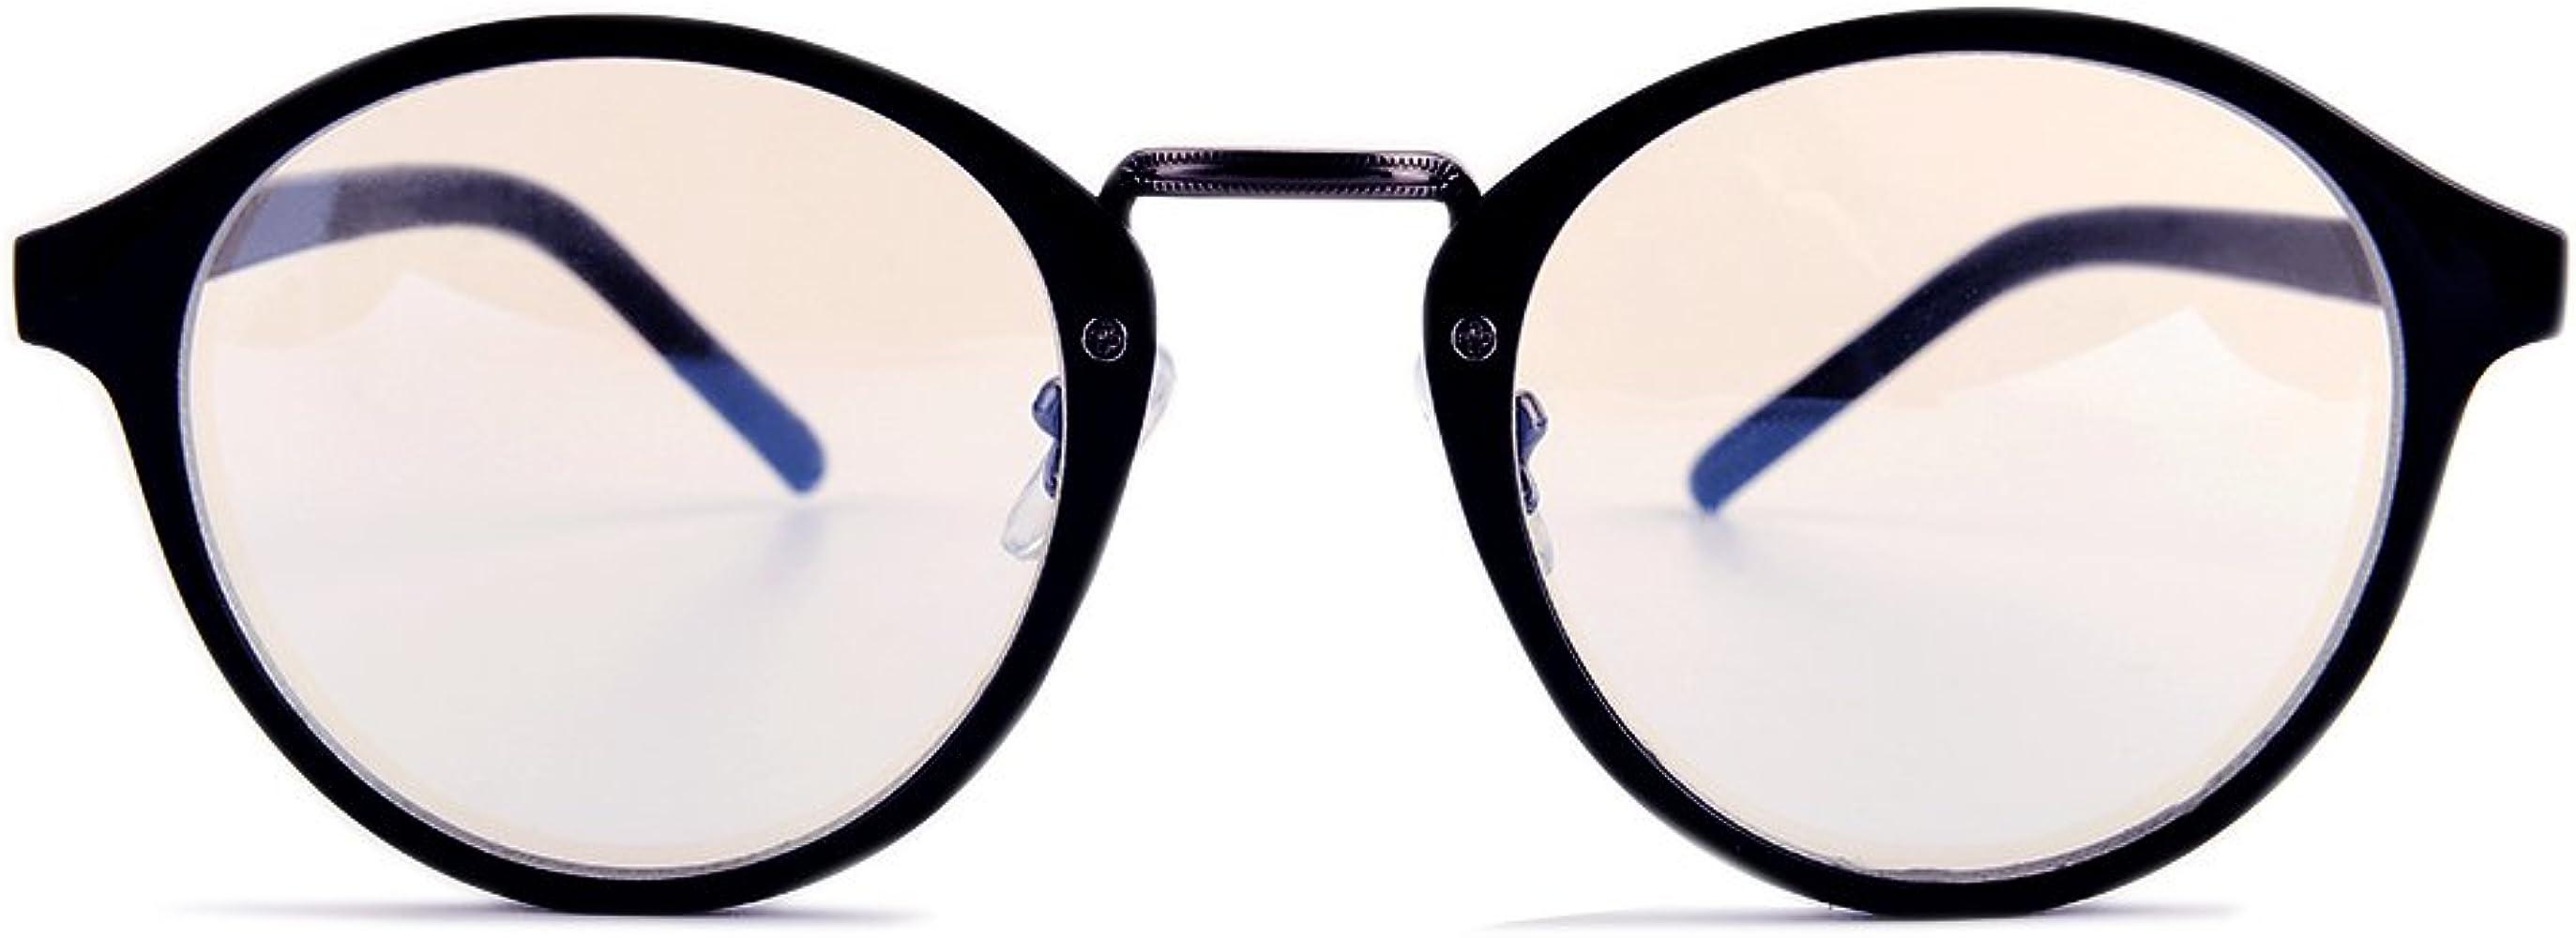 Gudzws Anti lumière bleue rayons Lunettes Rétro Ronde soulager yeux Fatigue Unisex